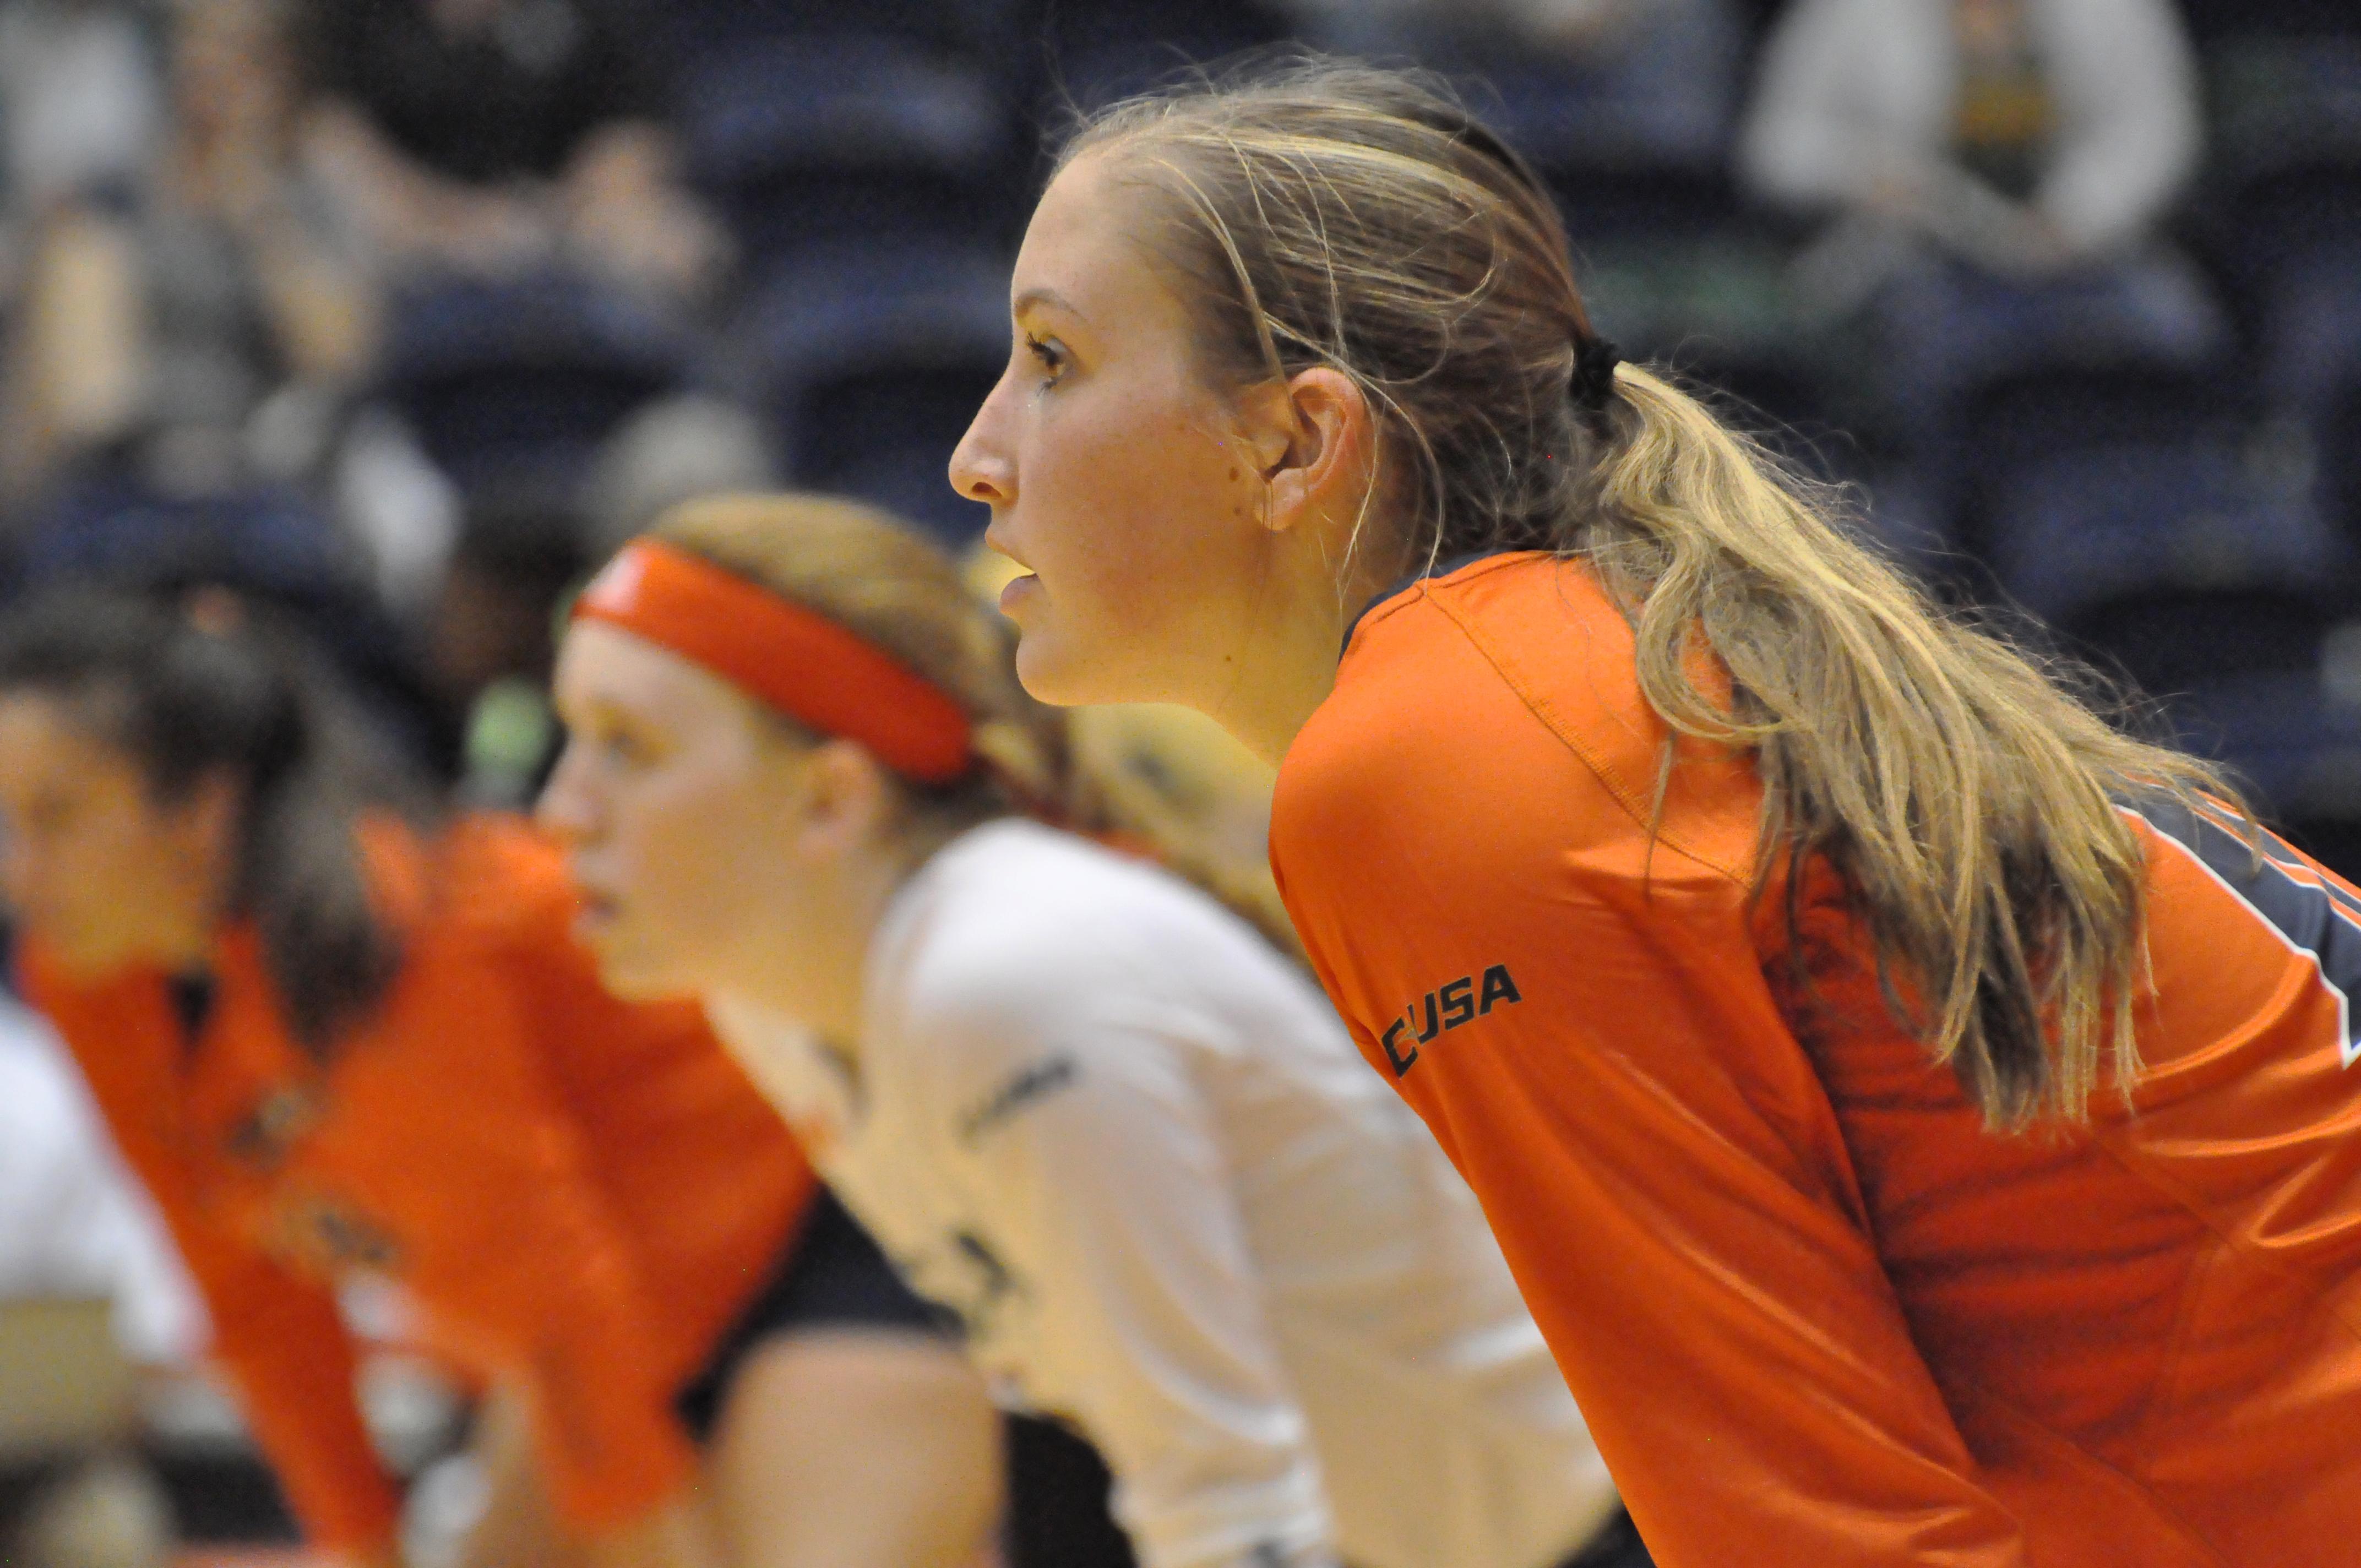 UTSA volleyball player